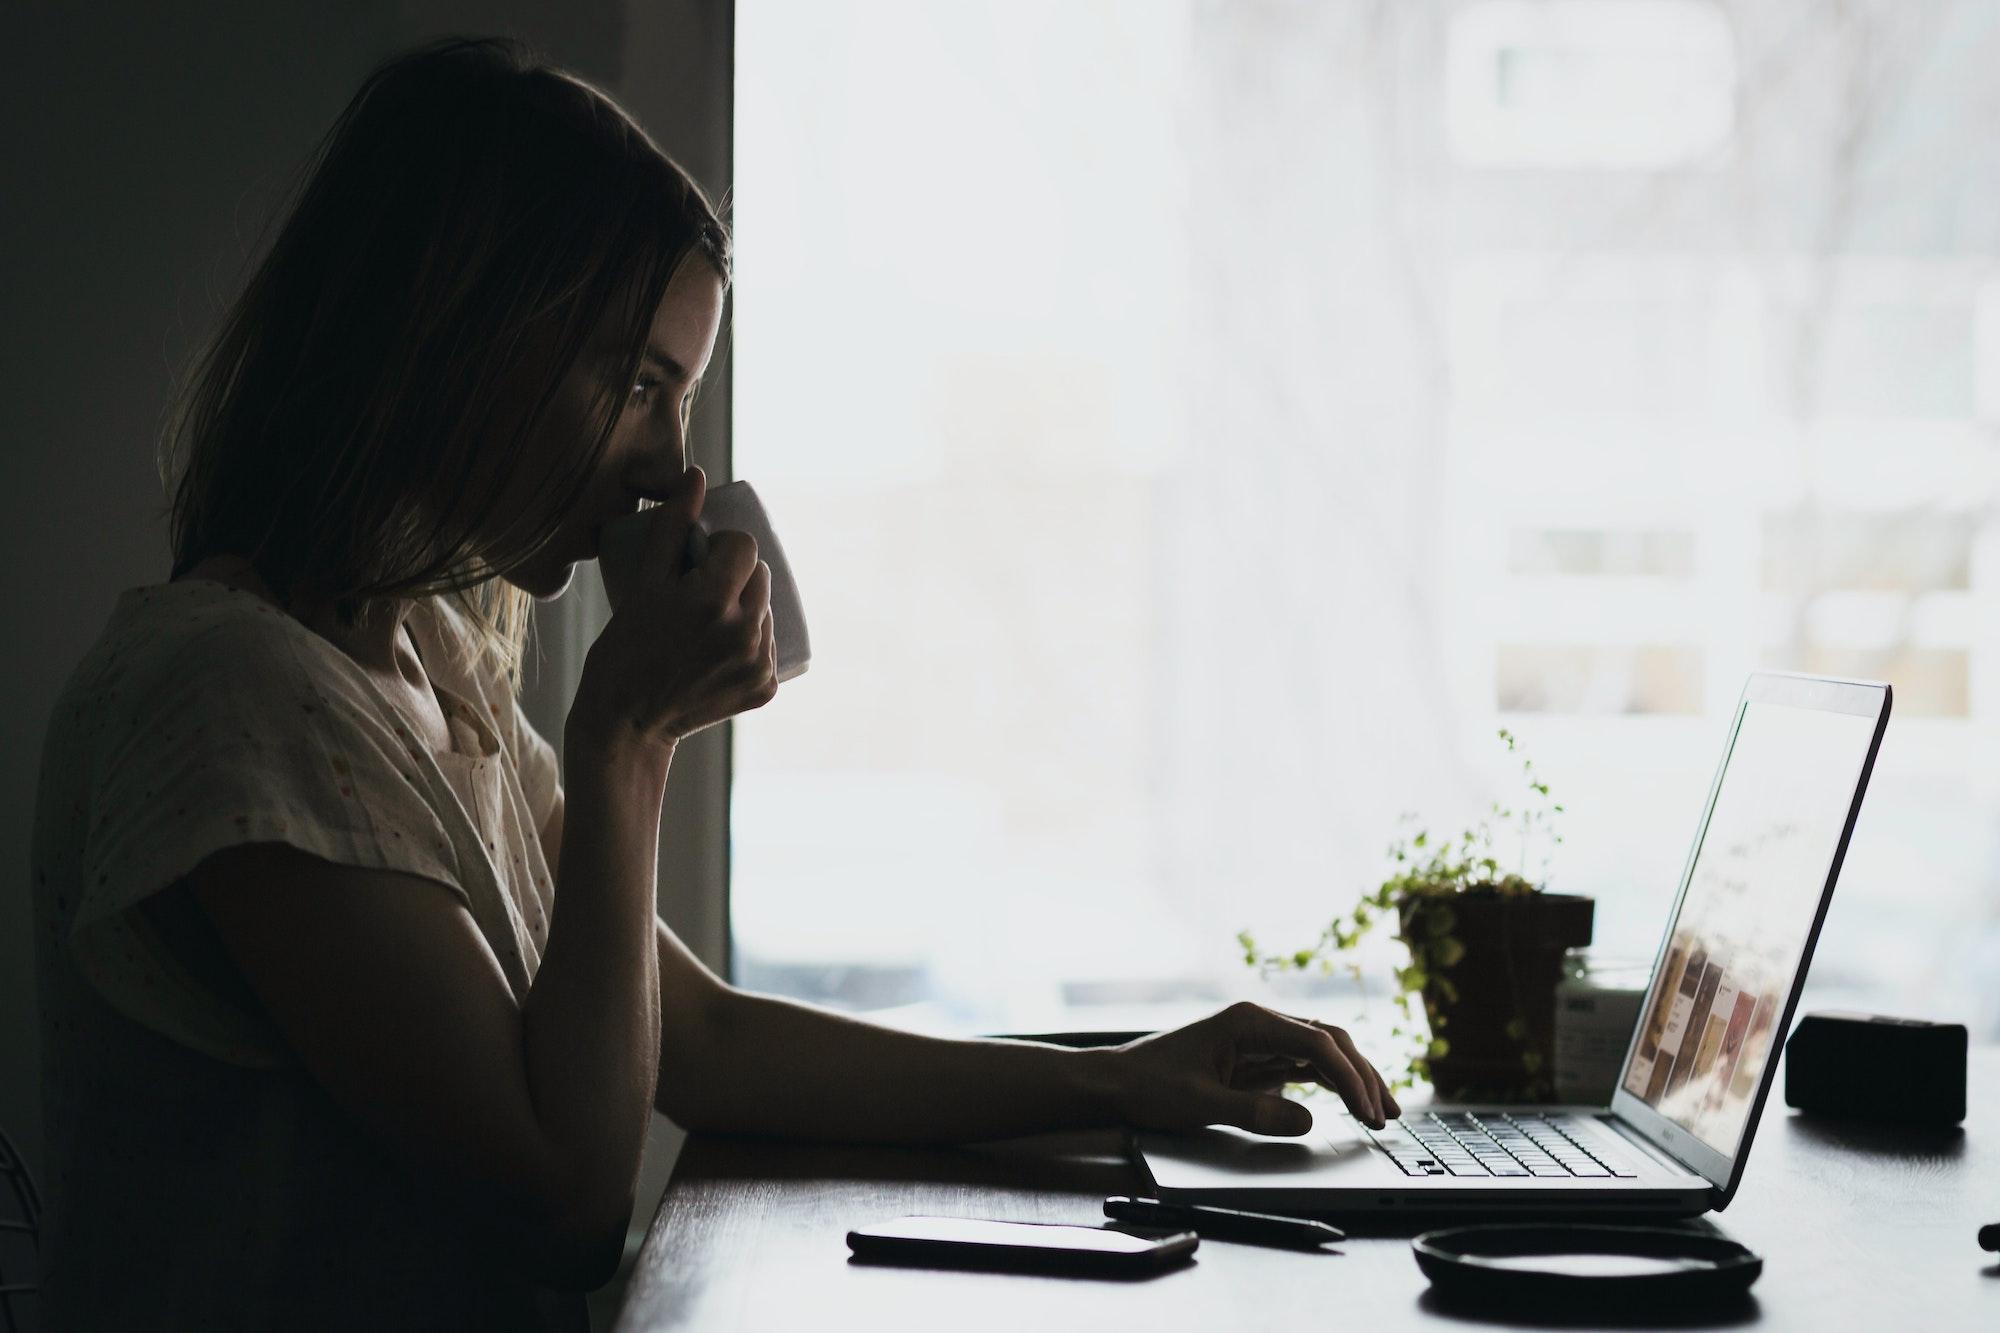 Mulher estudando com laptop